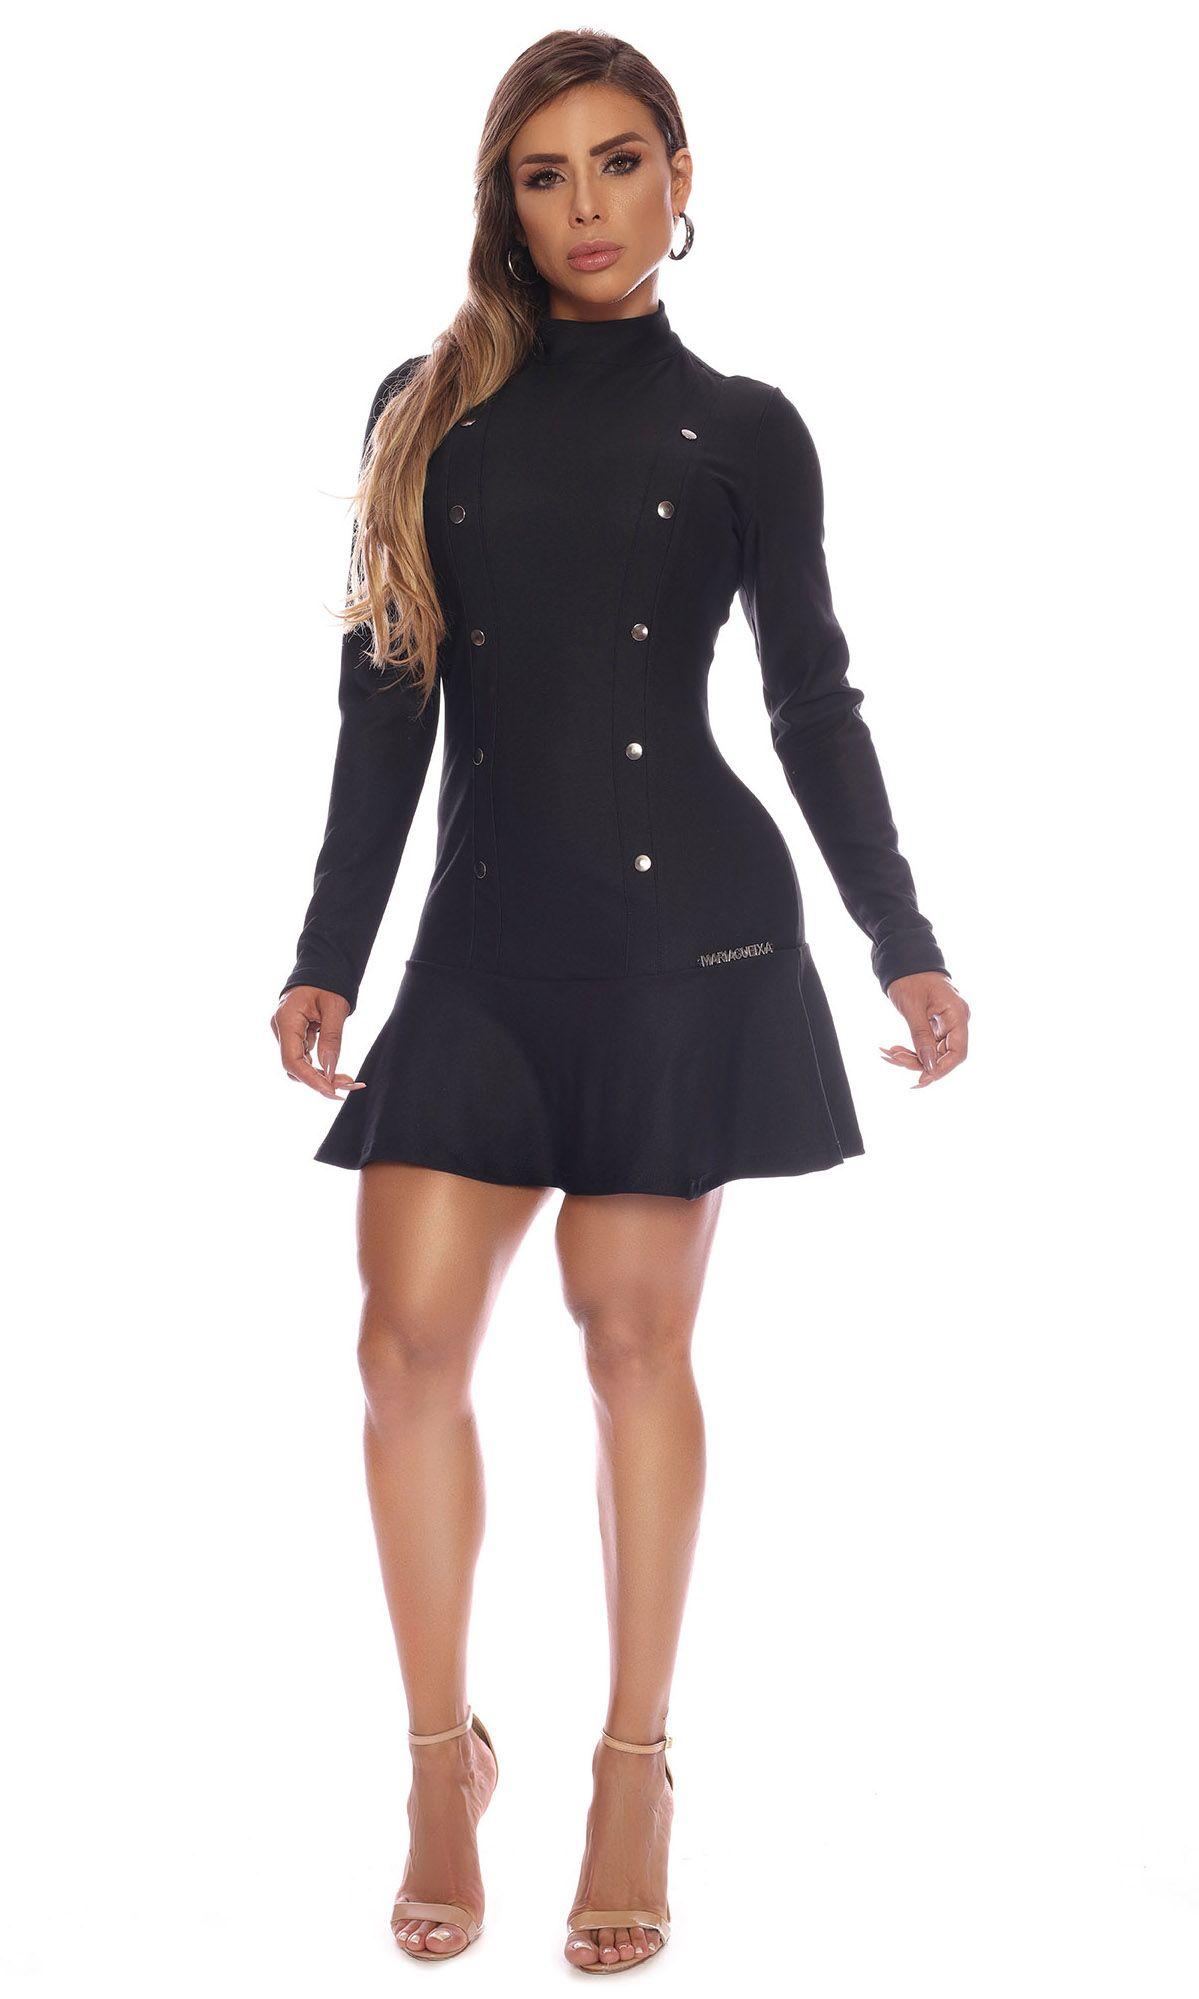 MARIA GUEIXA BUTTON HIGH COLLAR DRESS BLACK